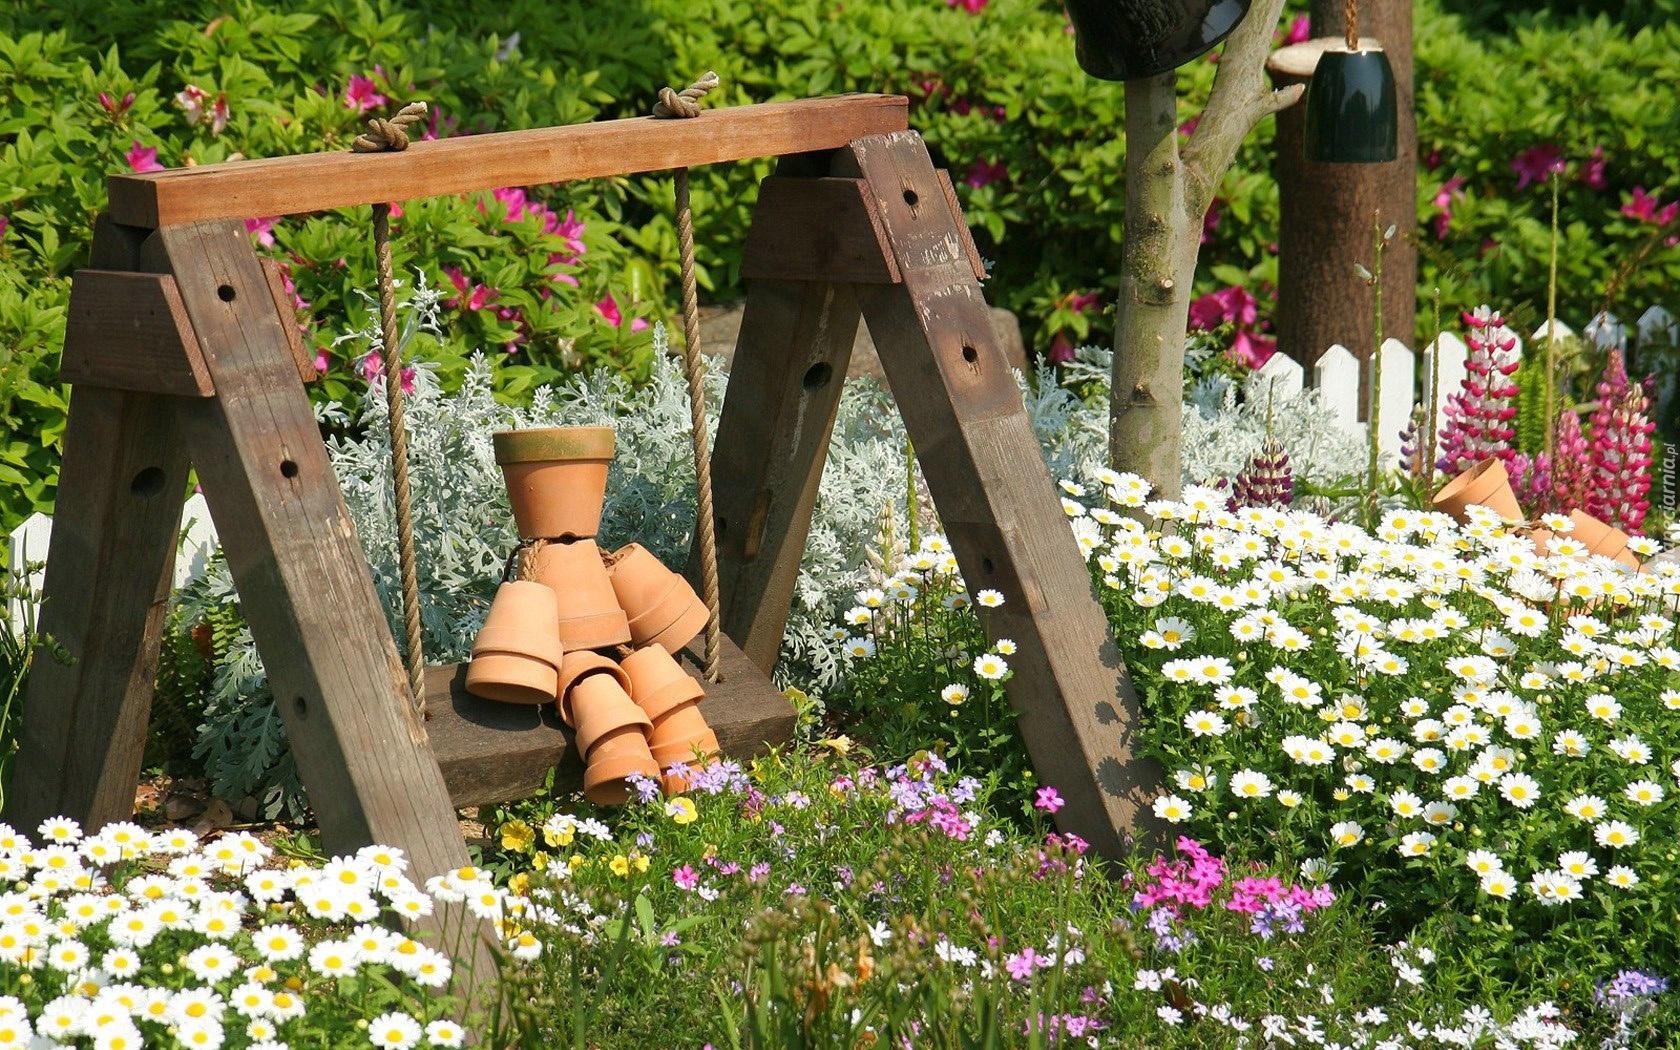 Ogród Kwiaty Drzewa Huśtawka Ludzik Doniczki